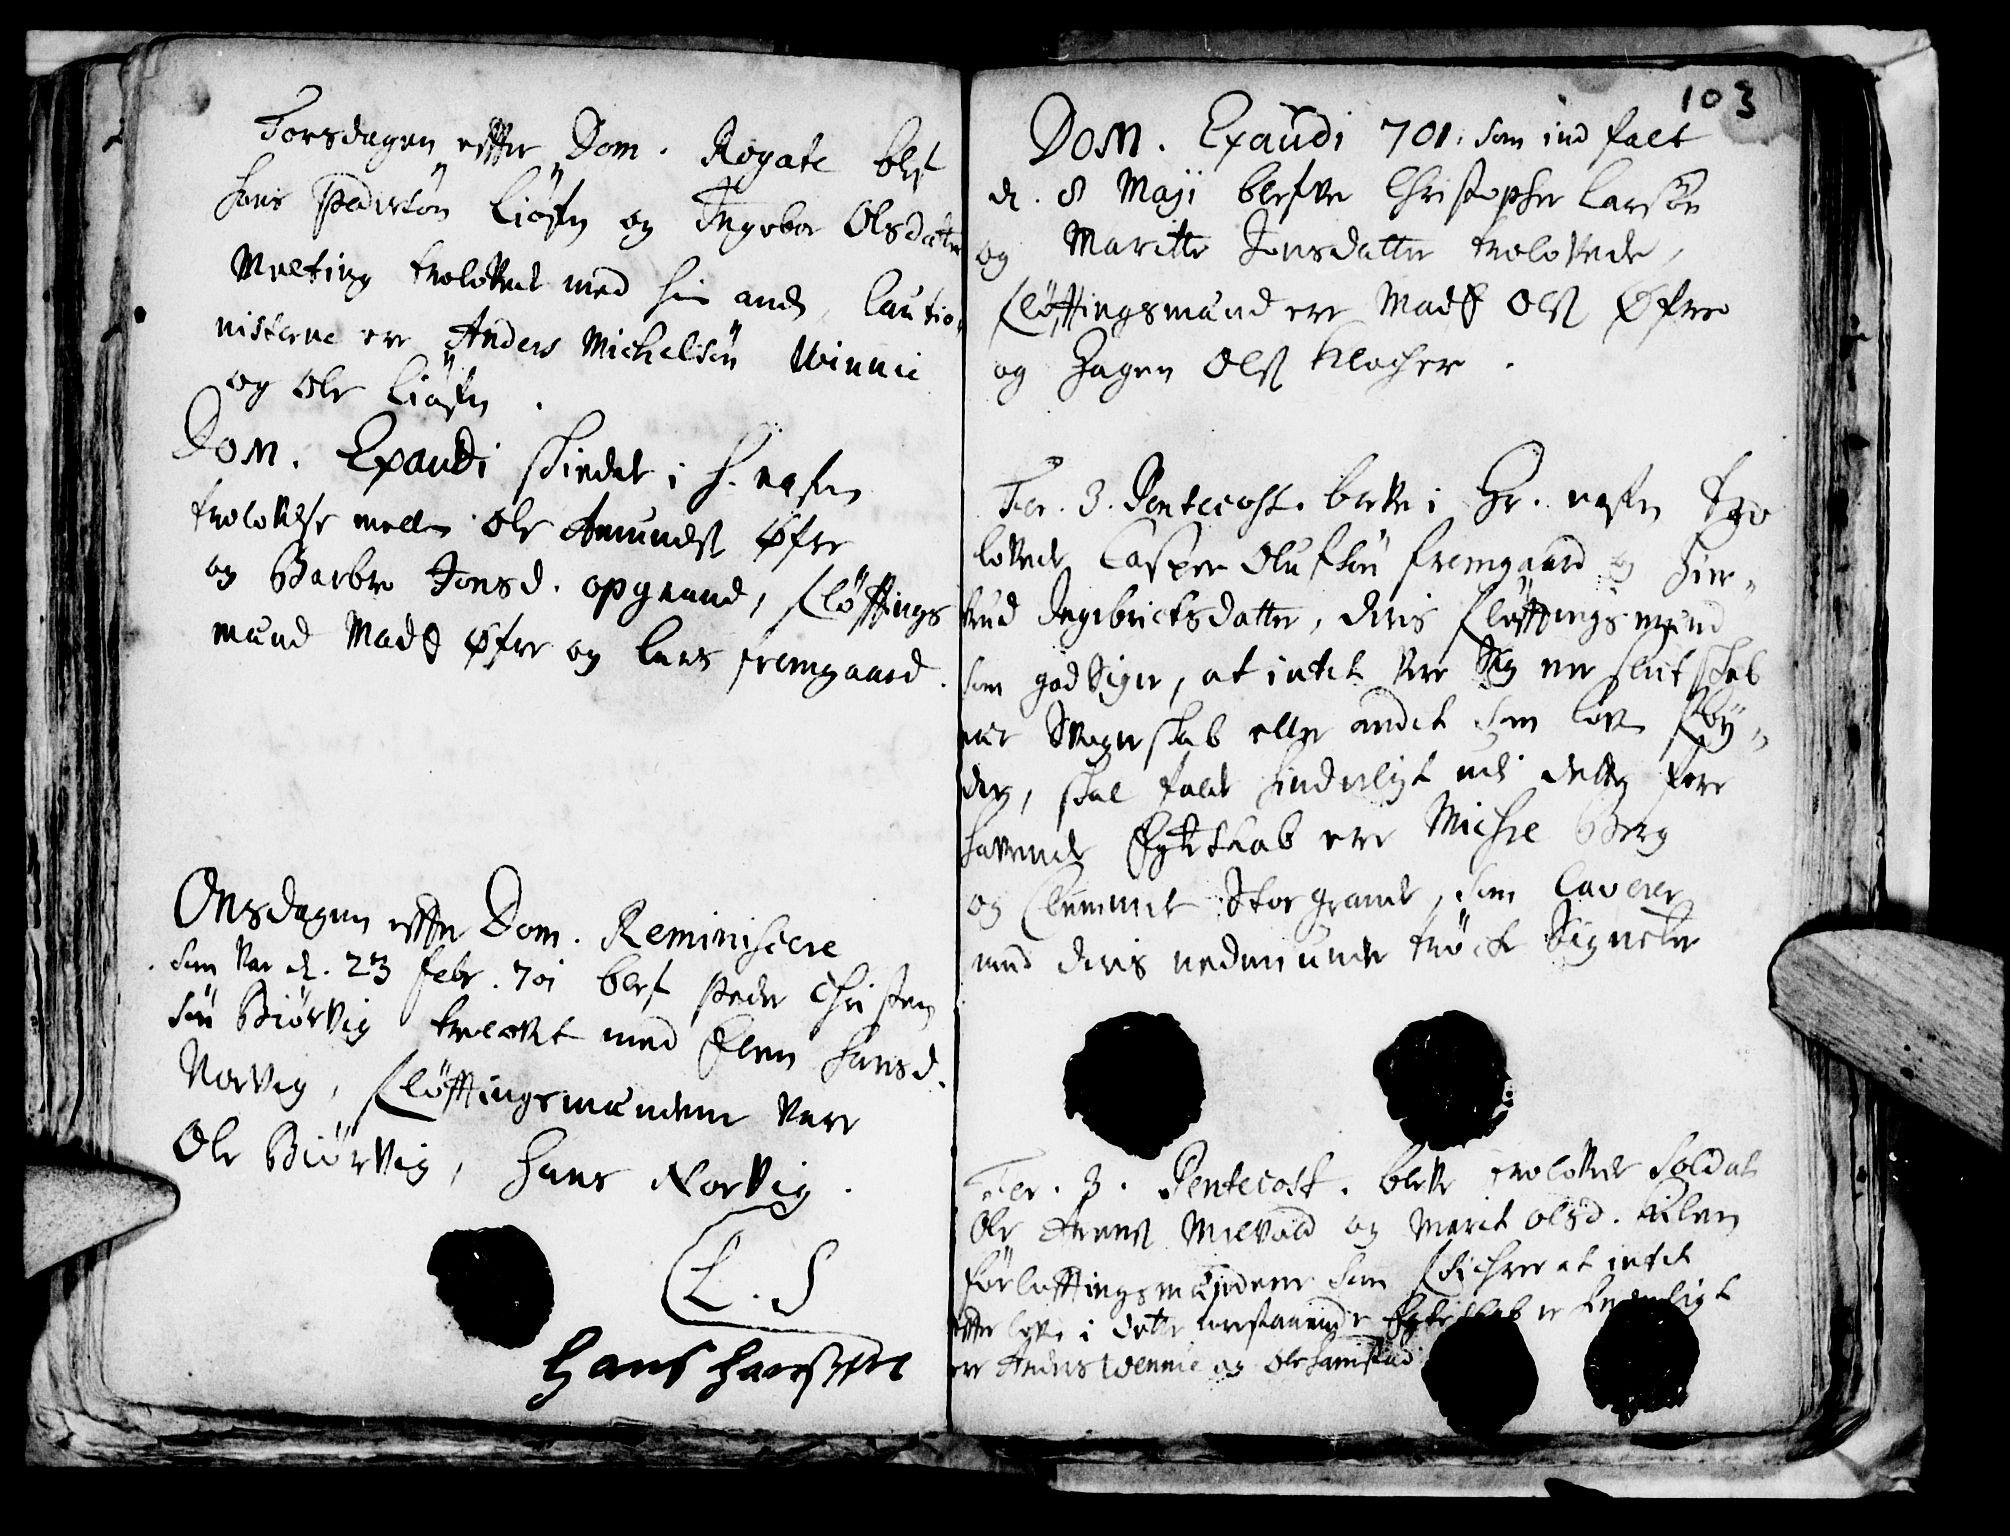 SAT, Ministerialprotokoller, klokkerbøker og fødselsregistre - Nord-Trøndelag, 722/L0214: Ministerialbok nr. 722A01, 1692-1718, s. 103